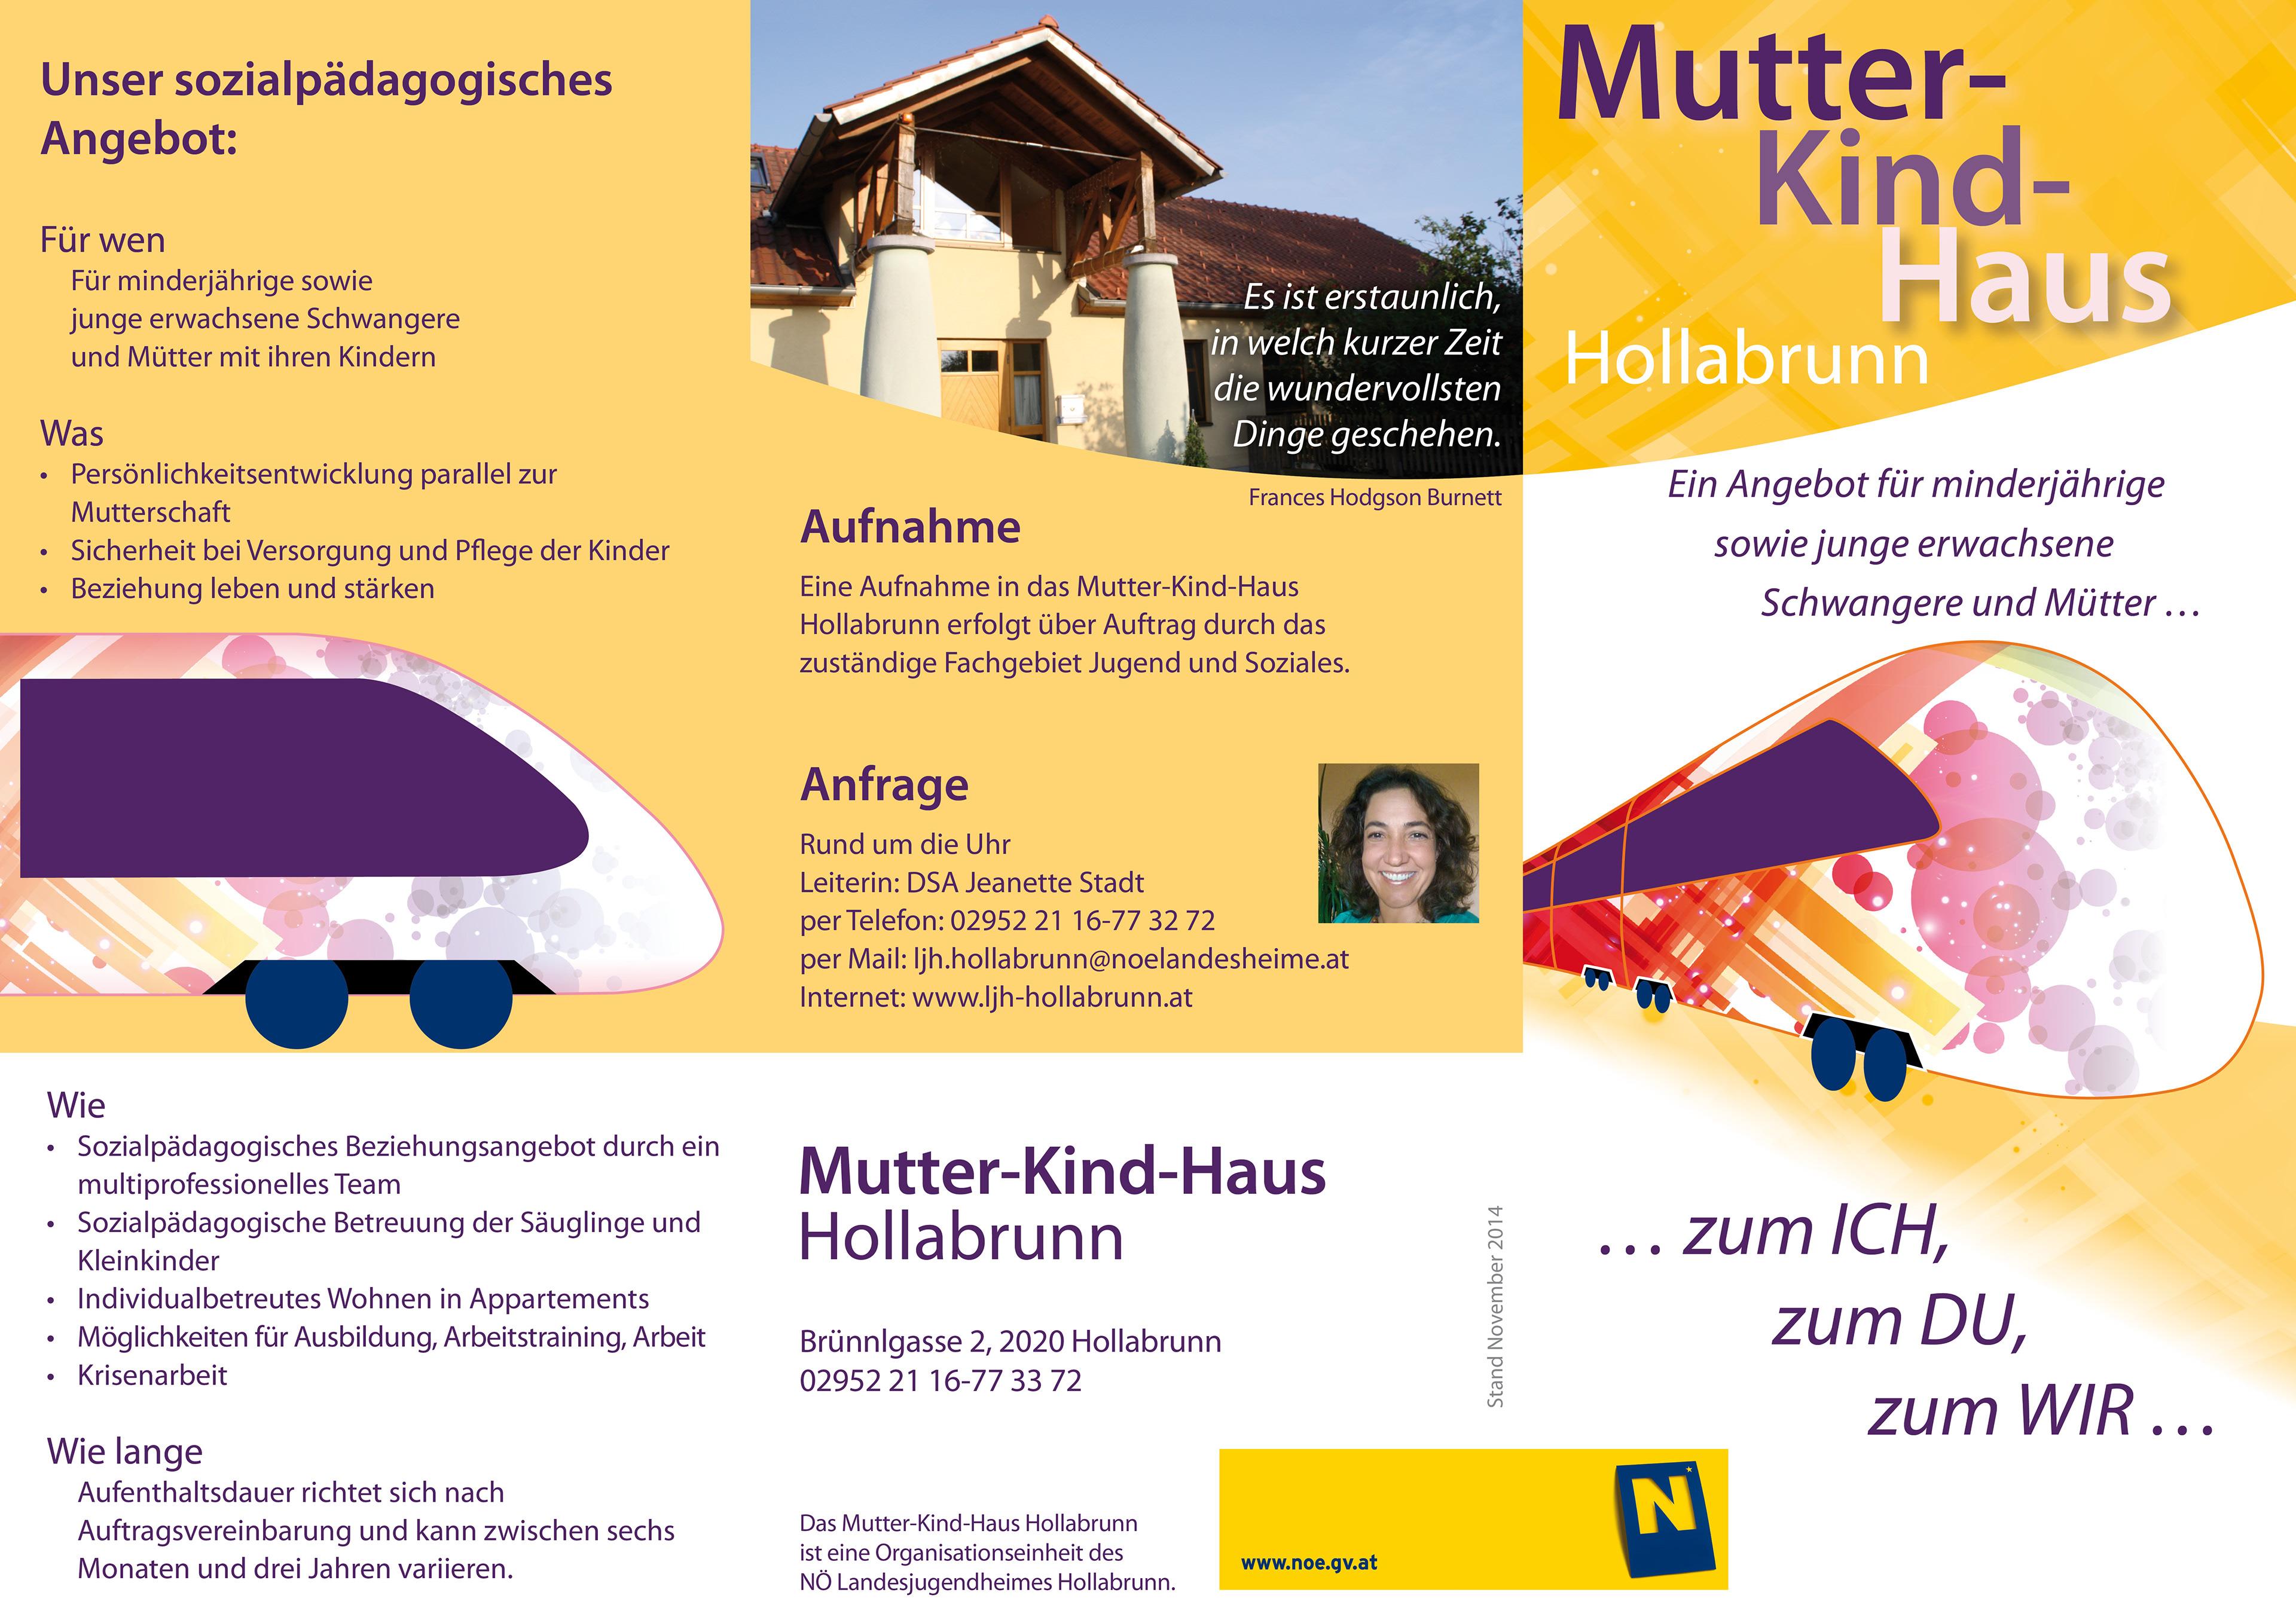 Johannes Zinser - Mutter-Kind-Haus